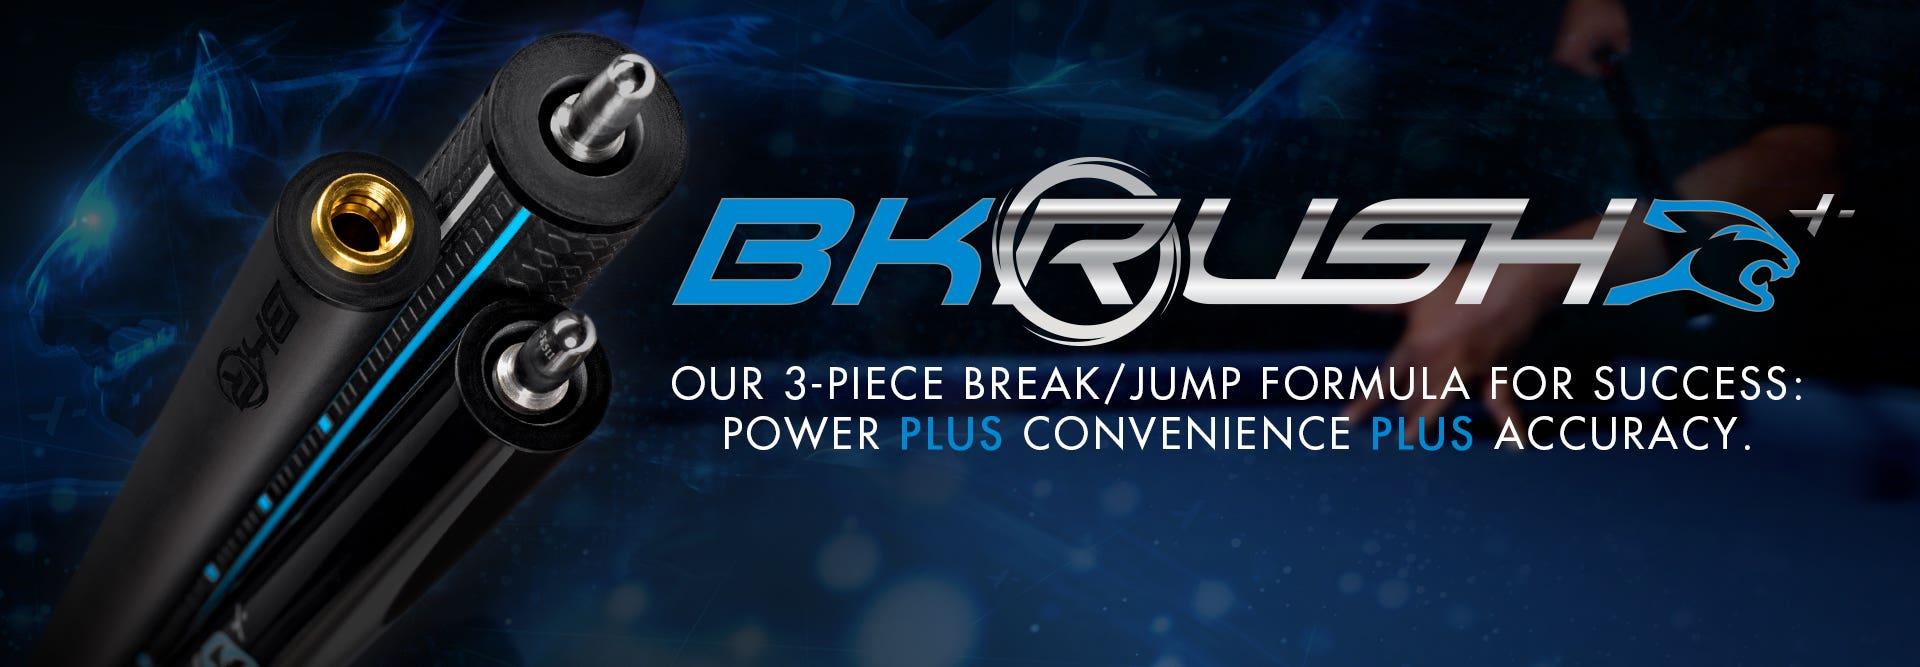 Predator BK Rush Plus Jump Break Cues